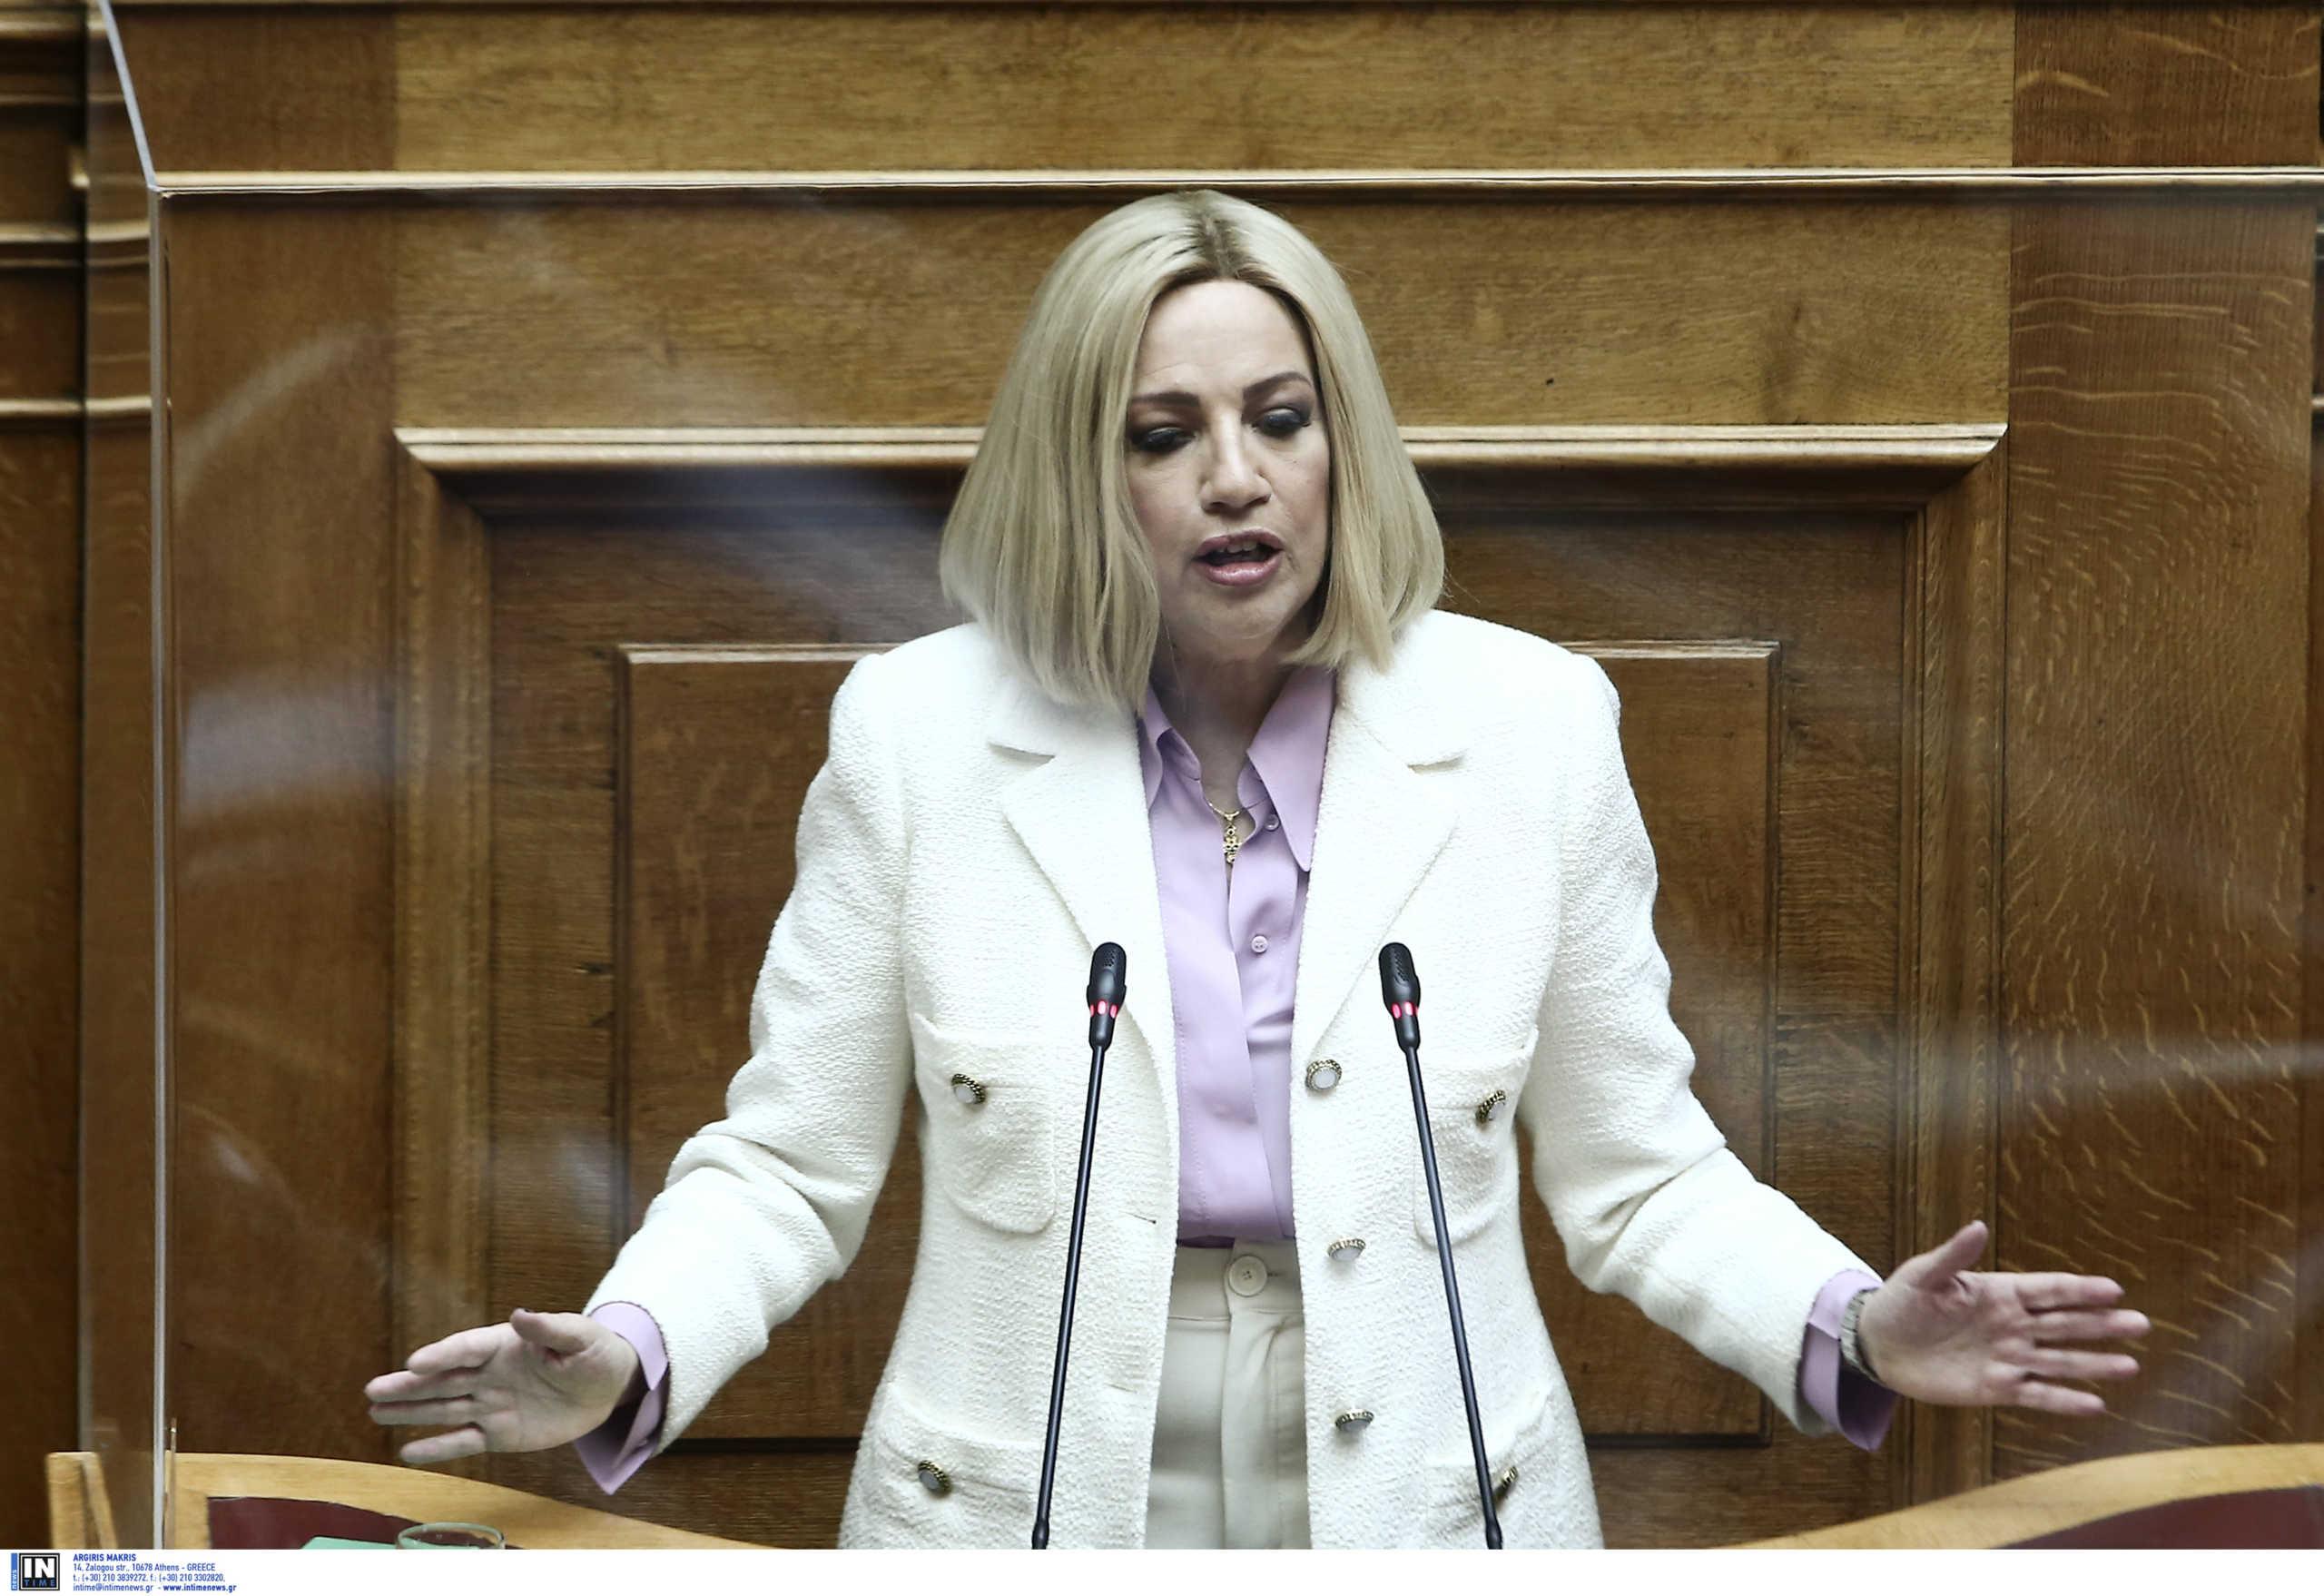 Γεννηματά: Η Ελλάδα θα υπερασπιστεί τα κυριαρχικά της δικαιώματα με κάθε τρόπο